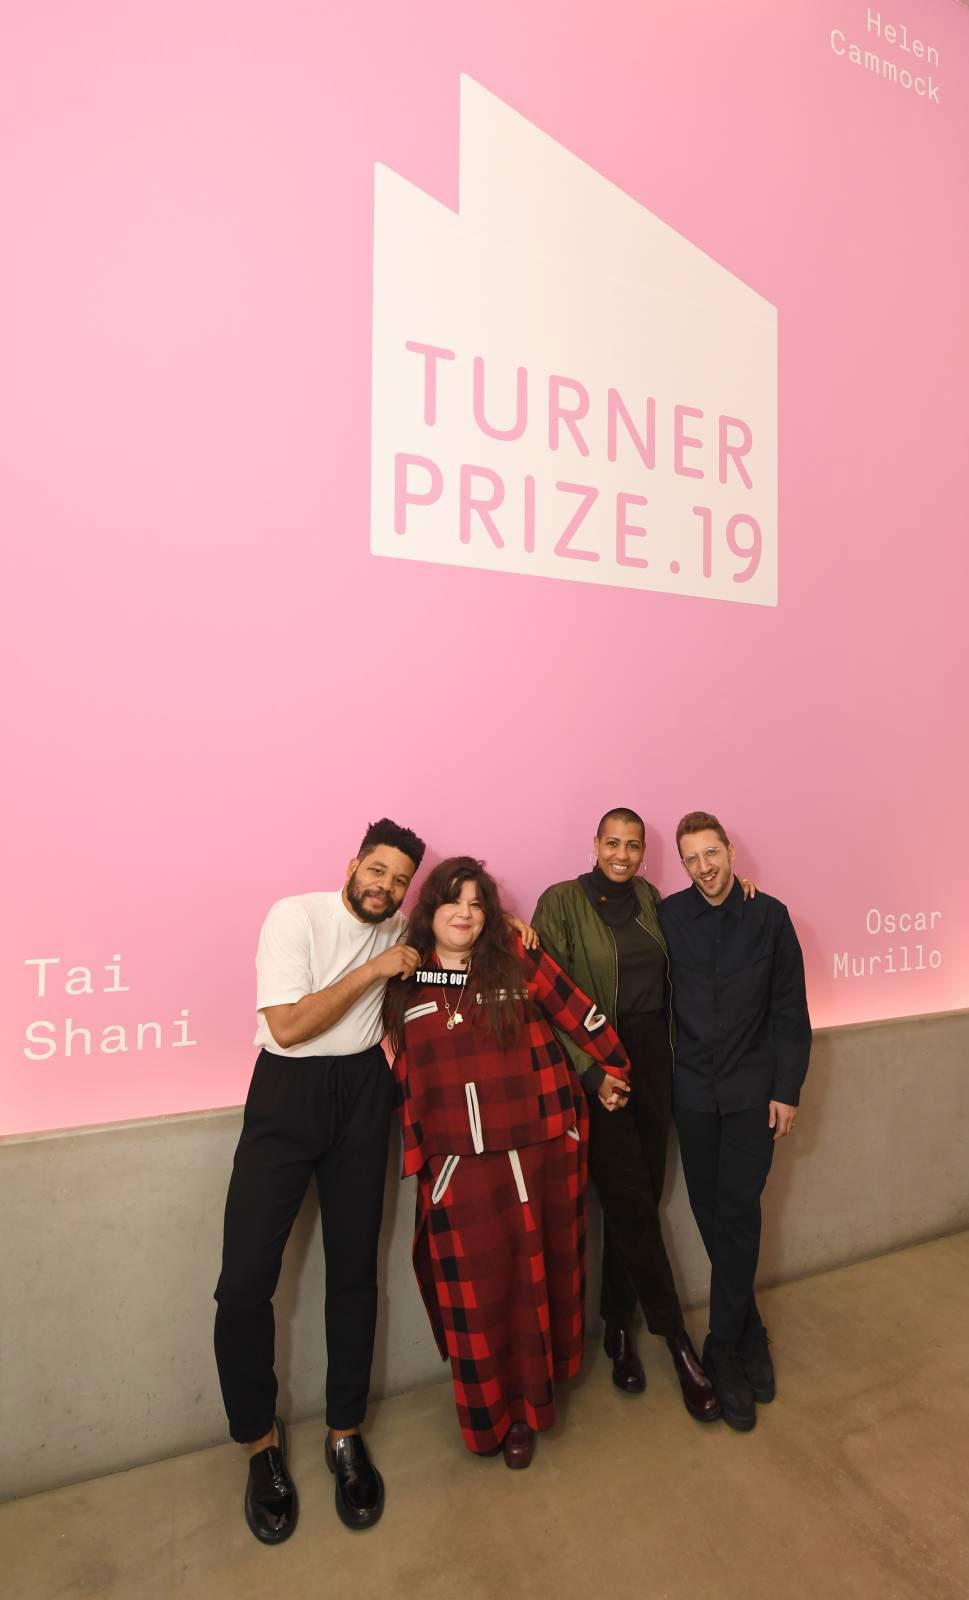 Un atto di condivisione e di solidarietà al Turner Prize 2019: vincitori tutti i finalisti